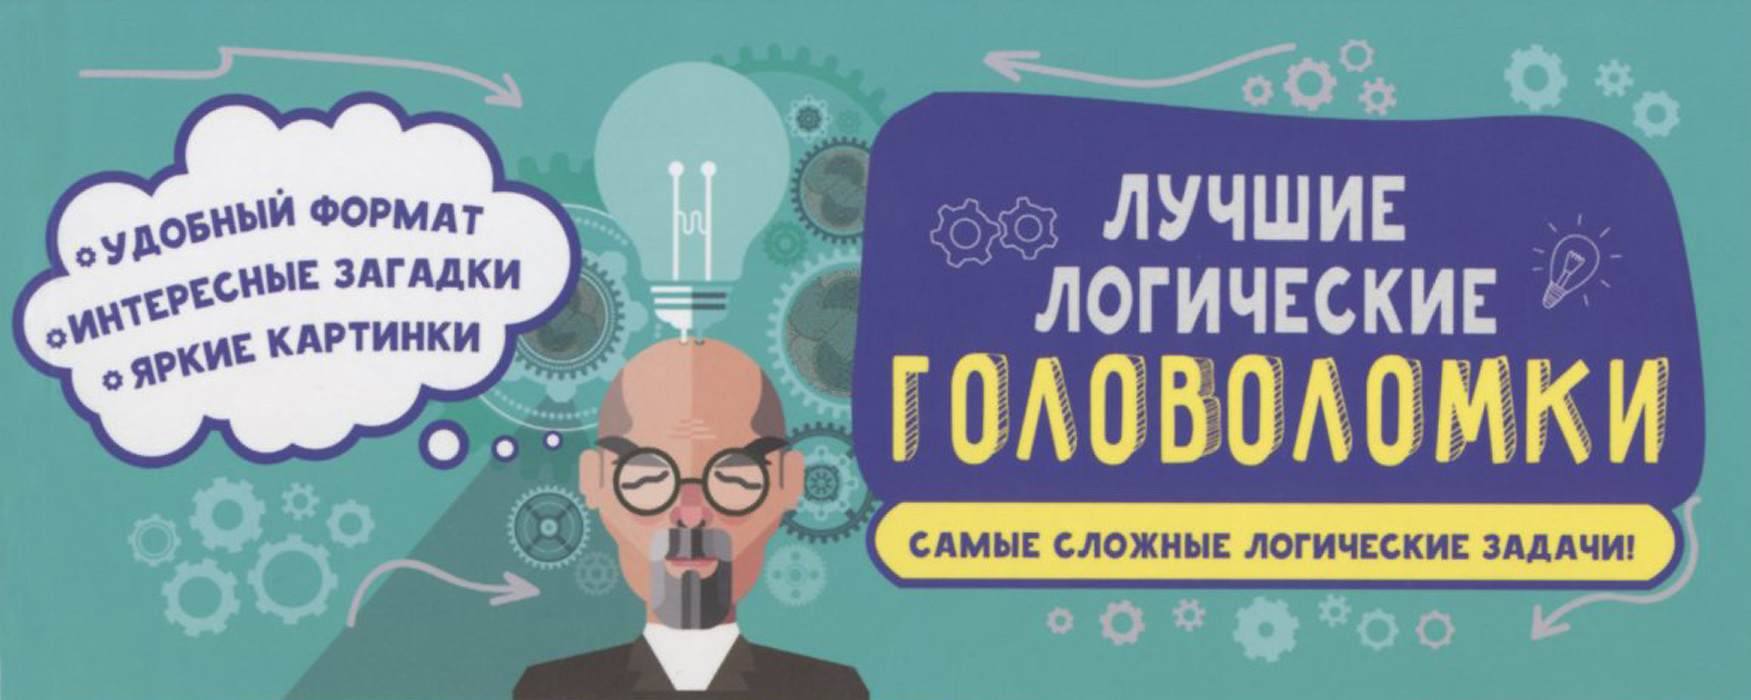 Е. Д. Киселева Лучшие логические головоломки киселева е текст лучшие логические головоломки